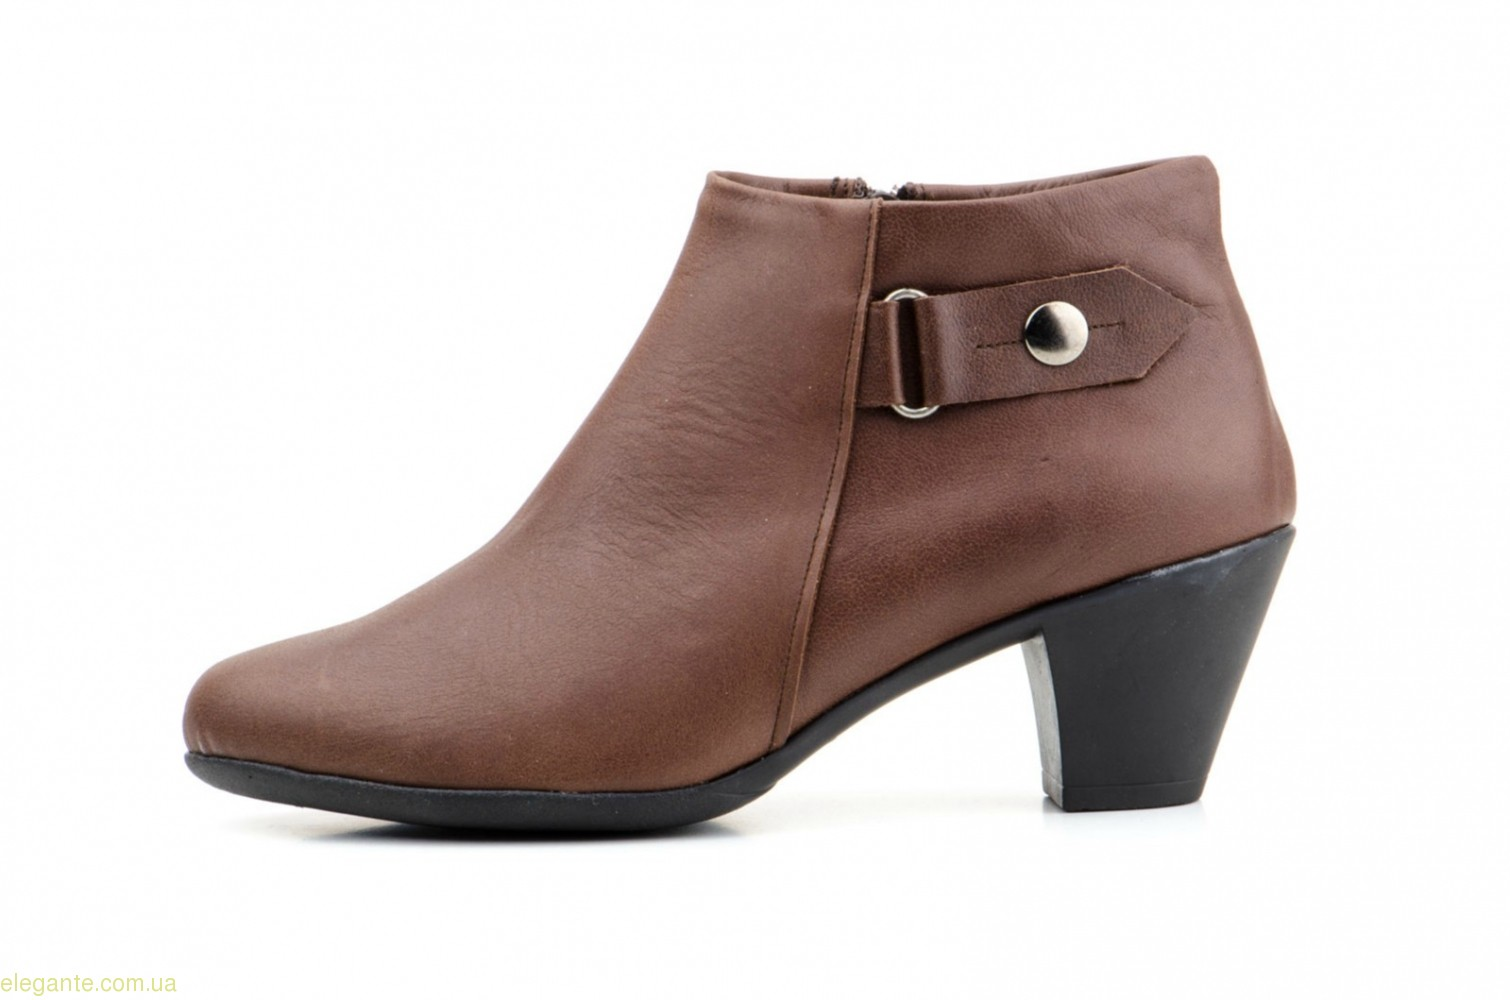 Жіночі черевички CUTILLAS2 коричневі 0